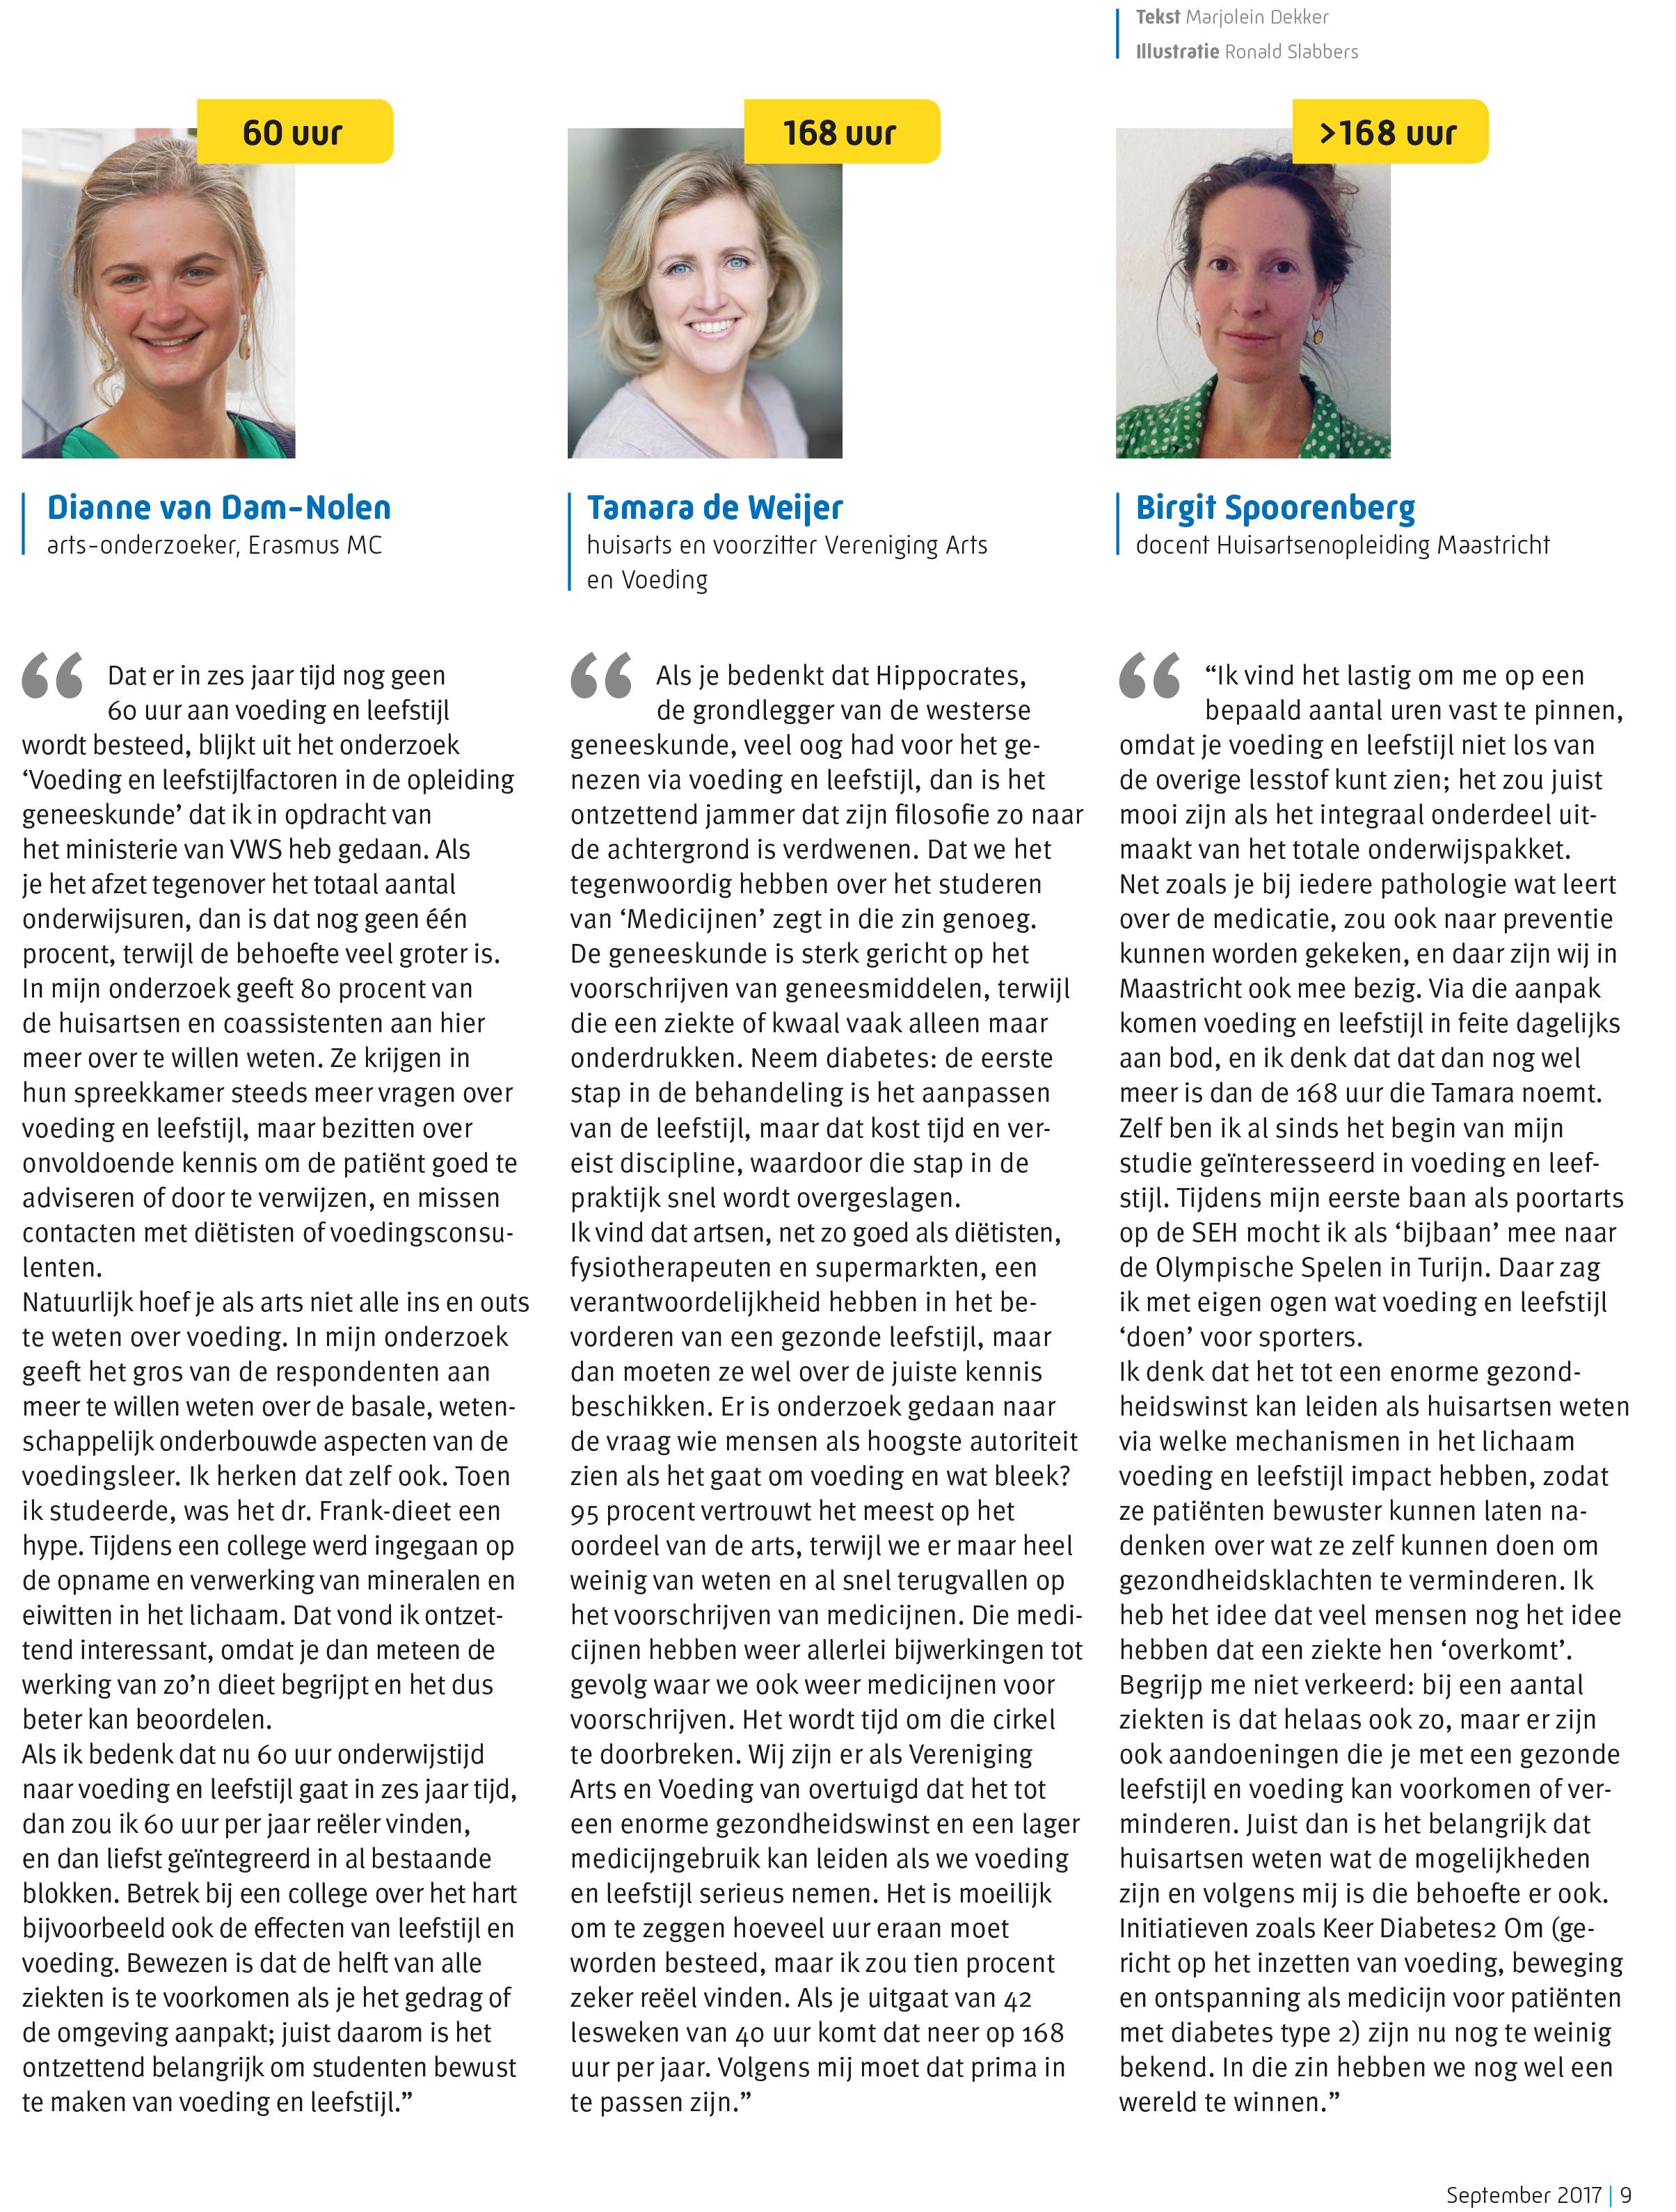 LAD-Magazine-Podium-8-9[1]-2